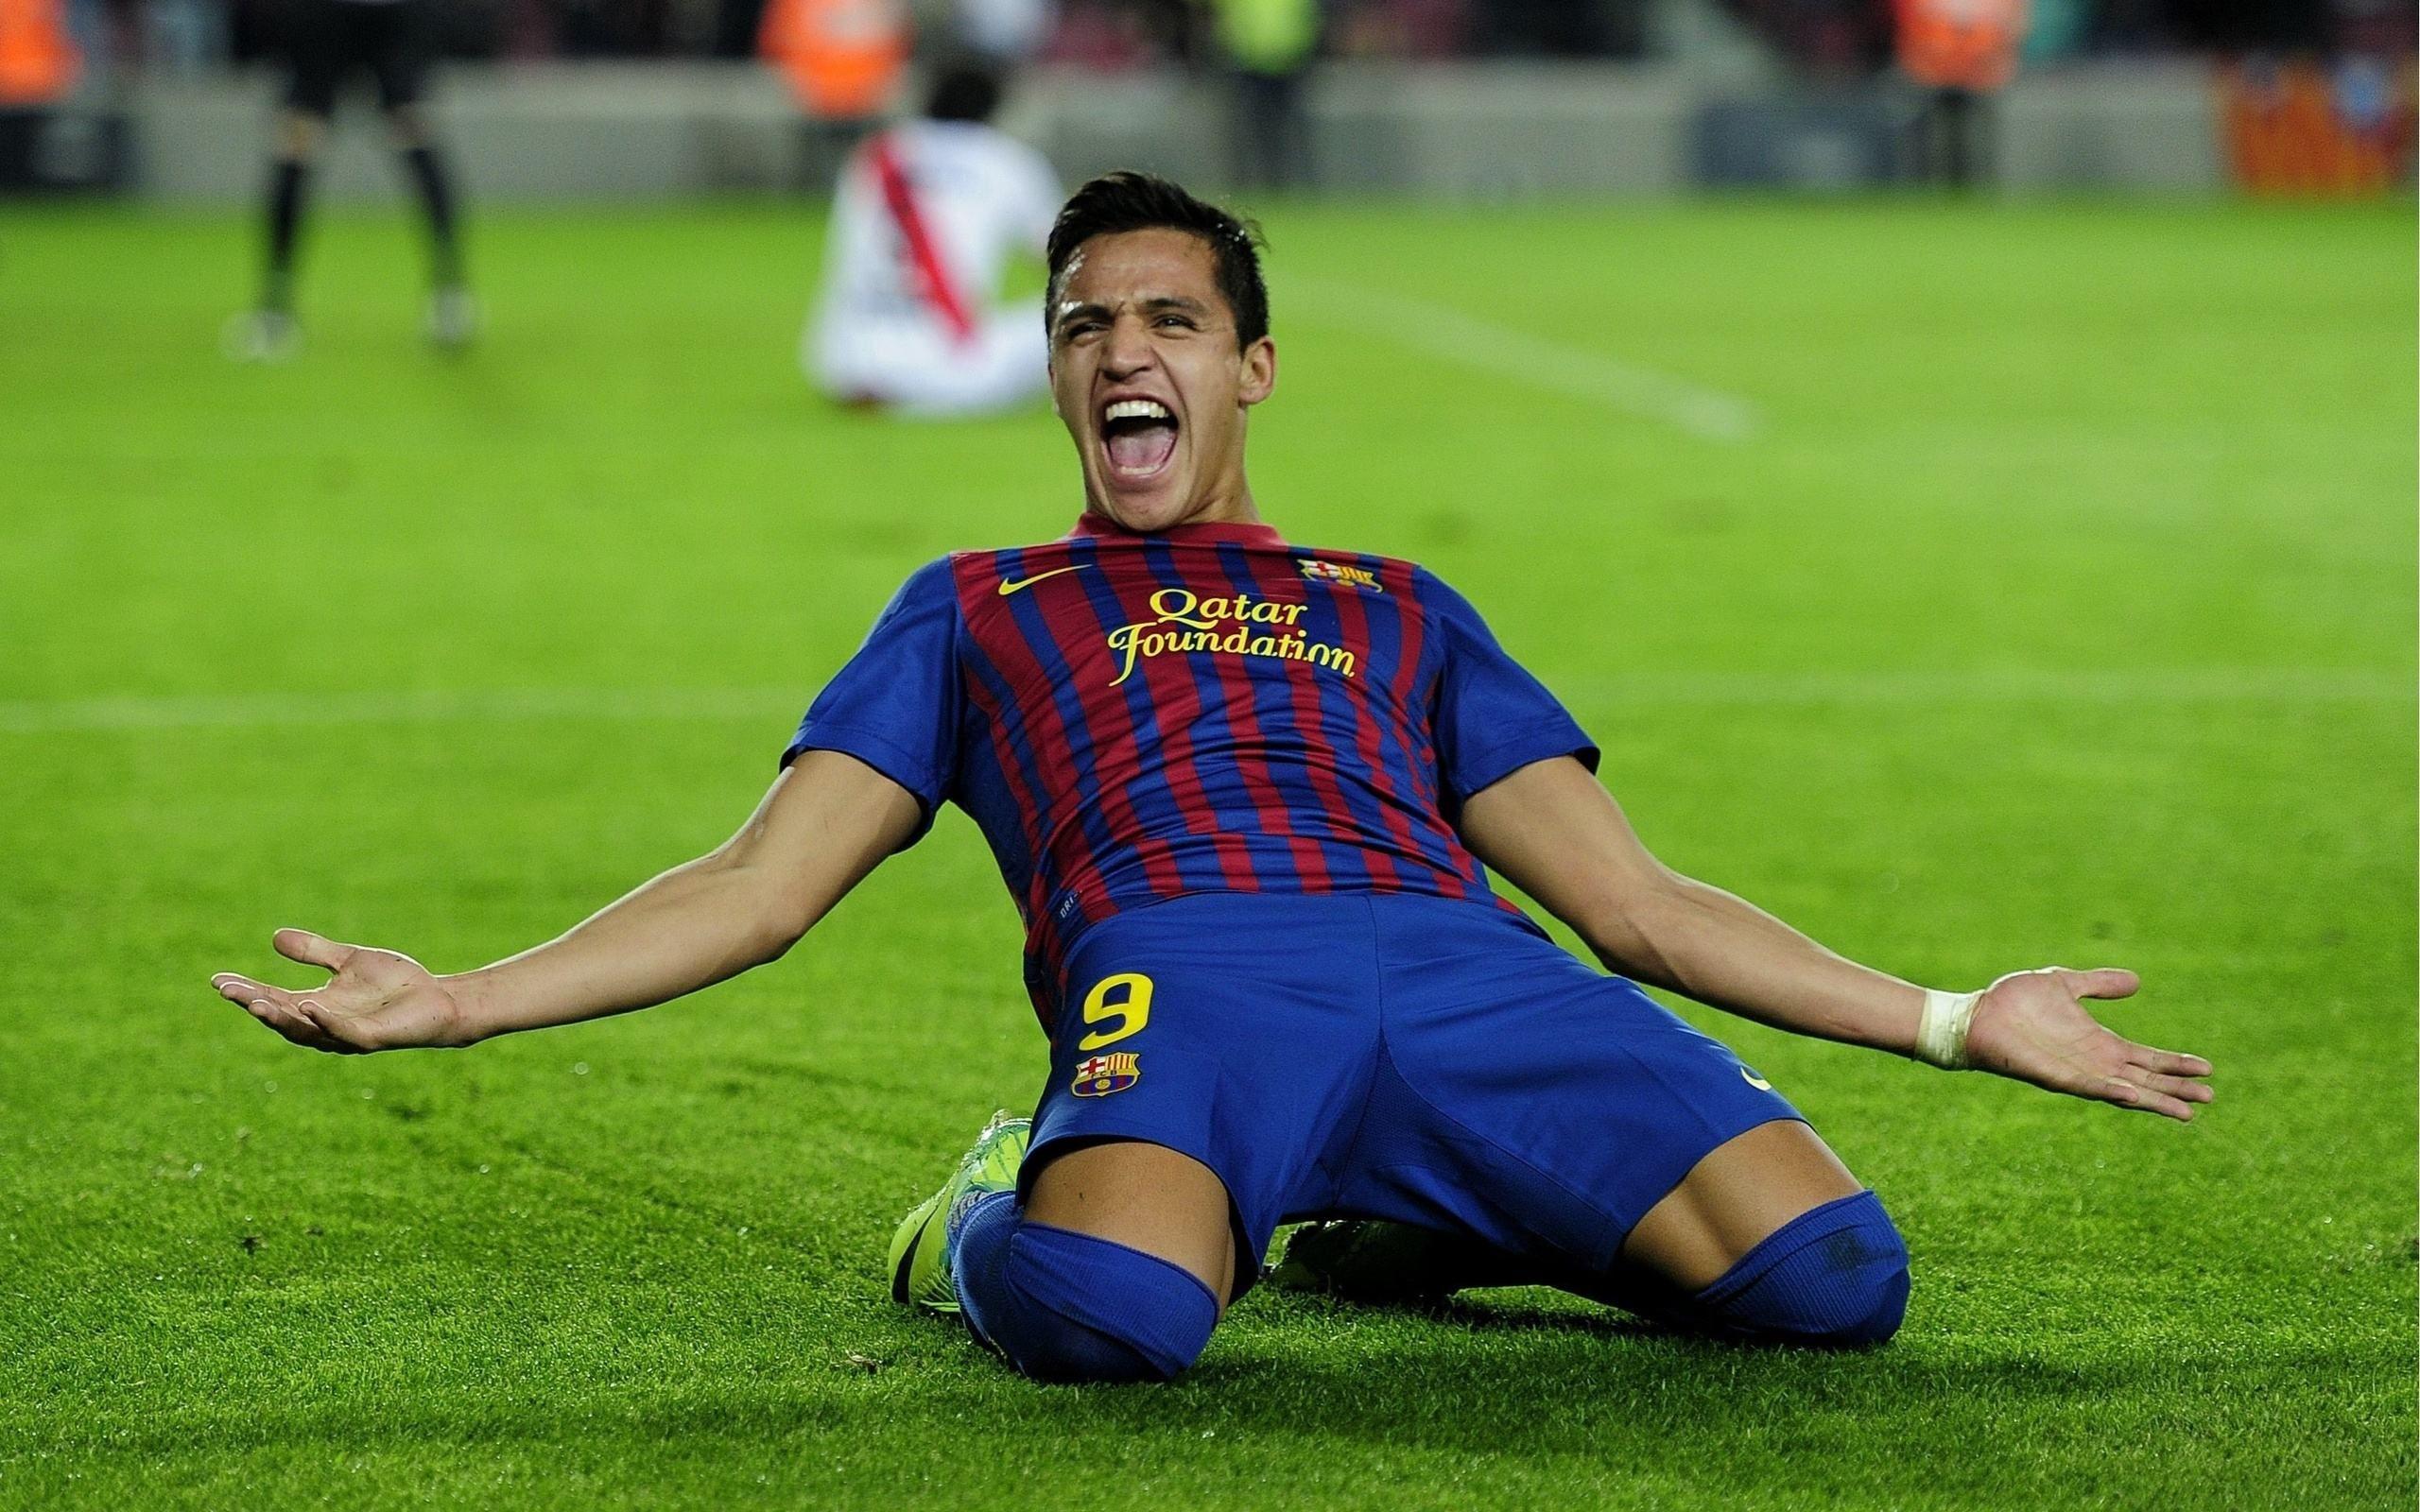 смотреть фотографии футболистов поскольку существует